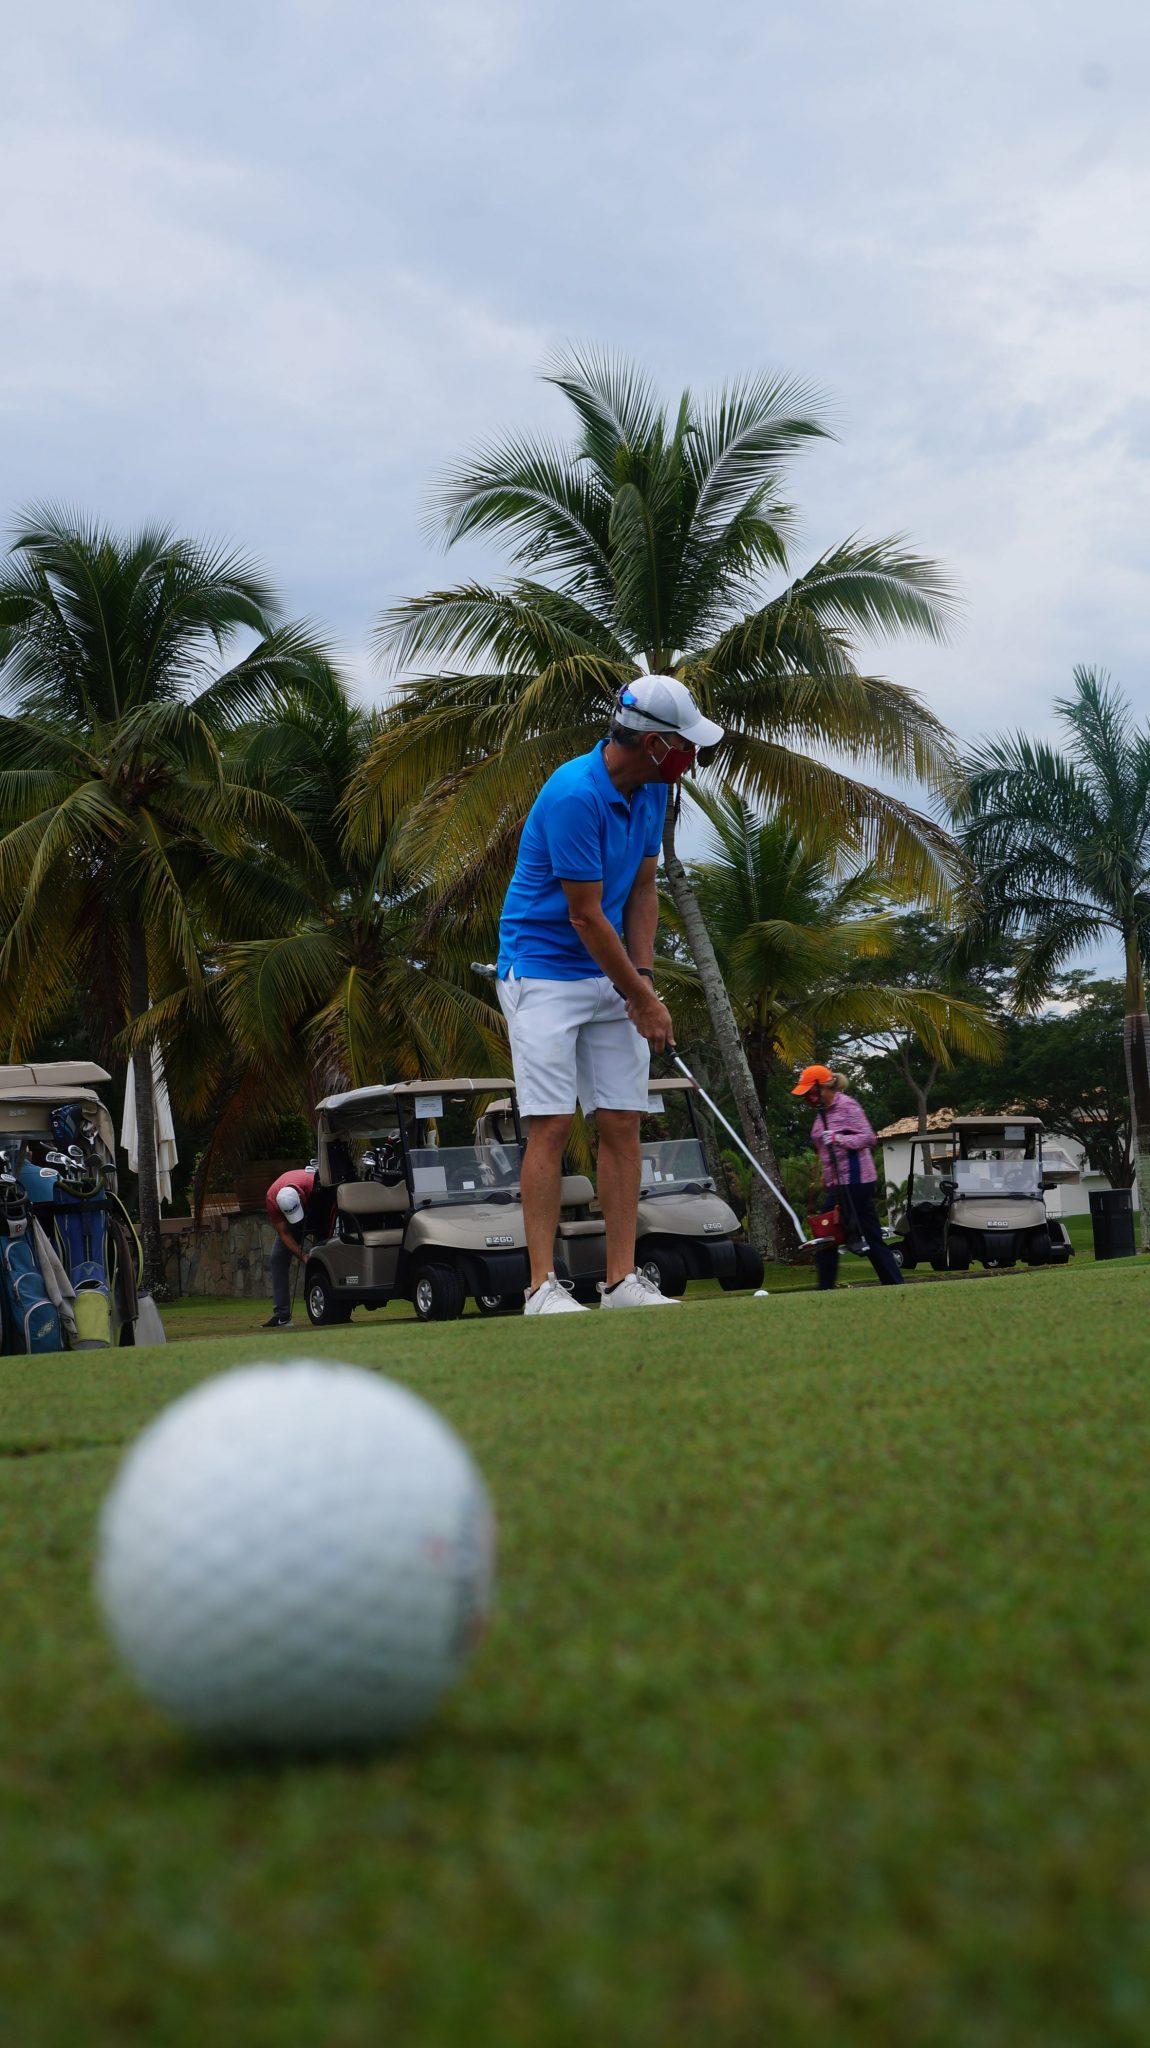 EMPRESARIALES EVENTOS    Golf por una buena causa